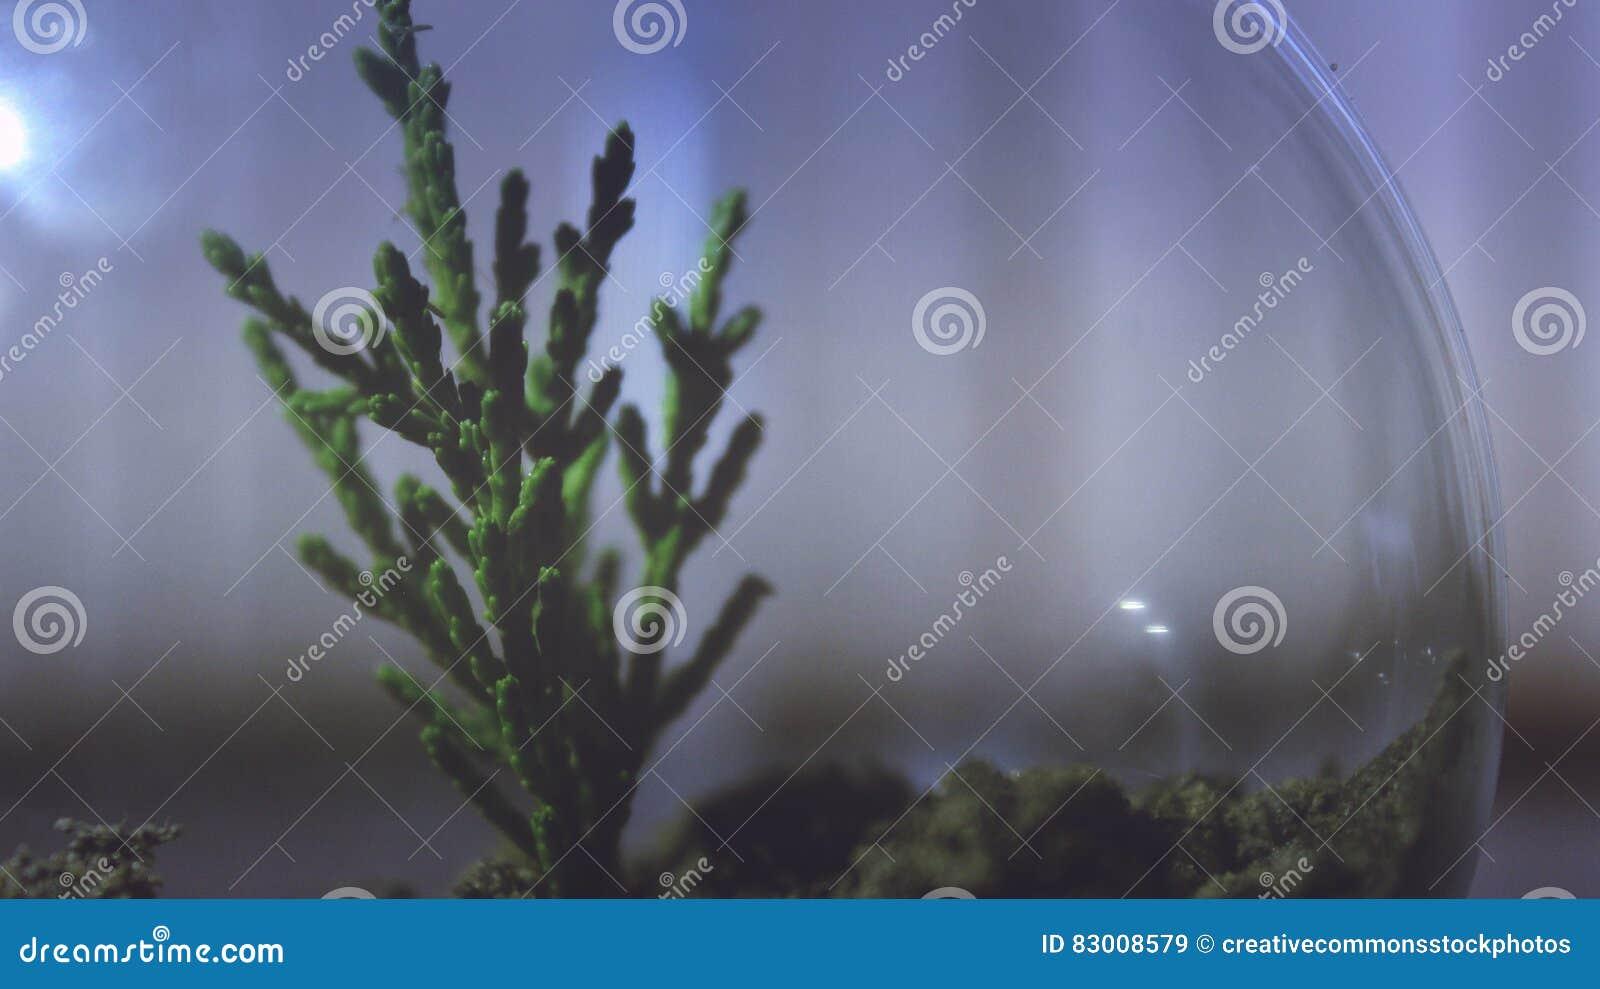 Download Plant in terrarium stock image. Image of indoor, interior - 83008579